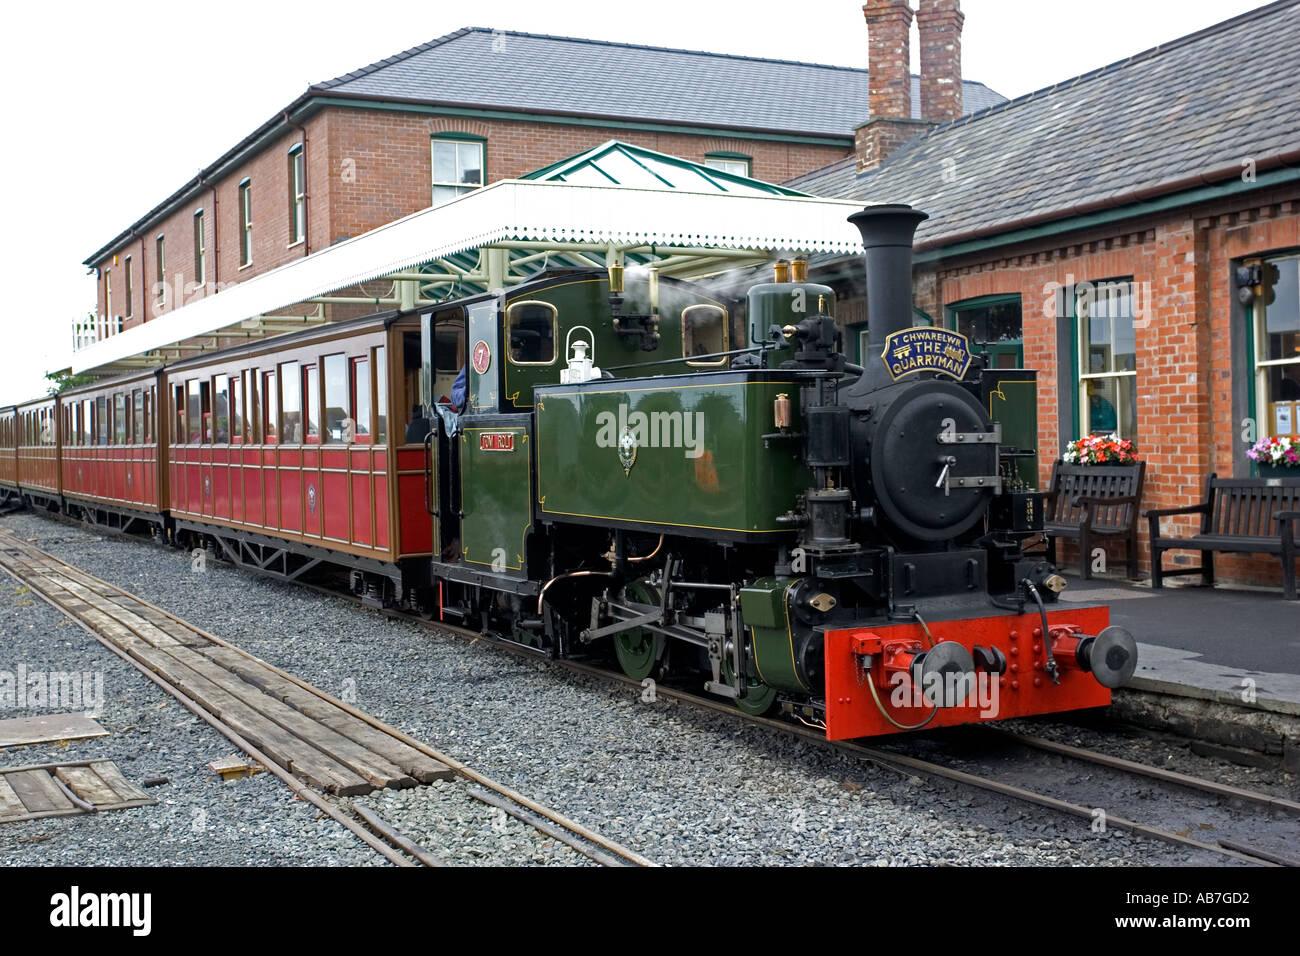 The Quarryman train at Tywyn Station on Talyllyn Narrow gauge railway North Wales - Stock Image